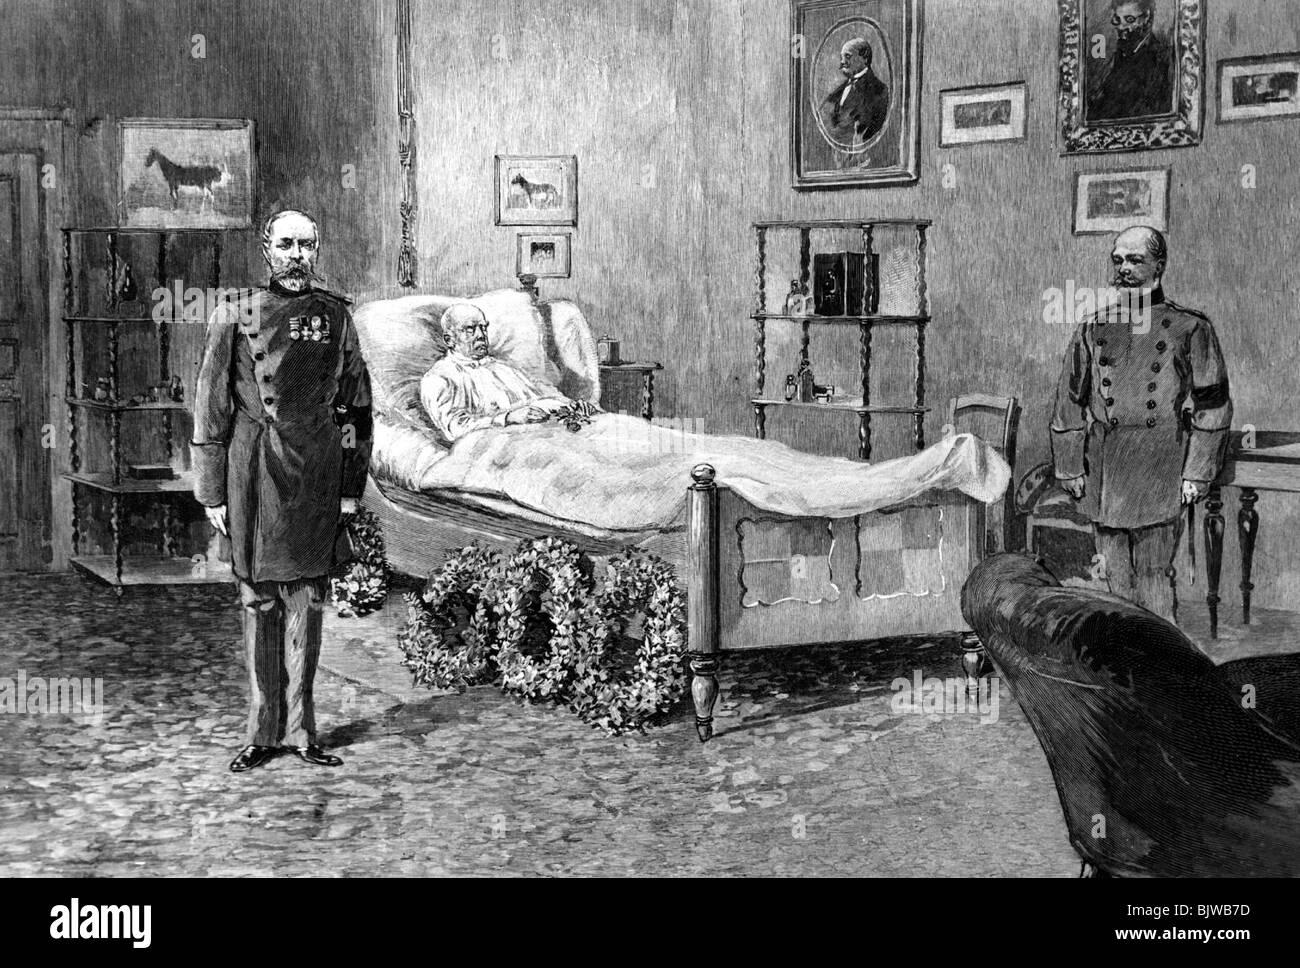 Auf Dem Sterbebett Stockfotos Auf Dem Sterbebett Bilder Alamy